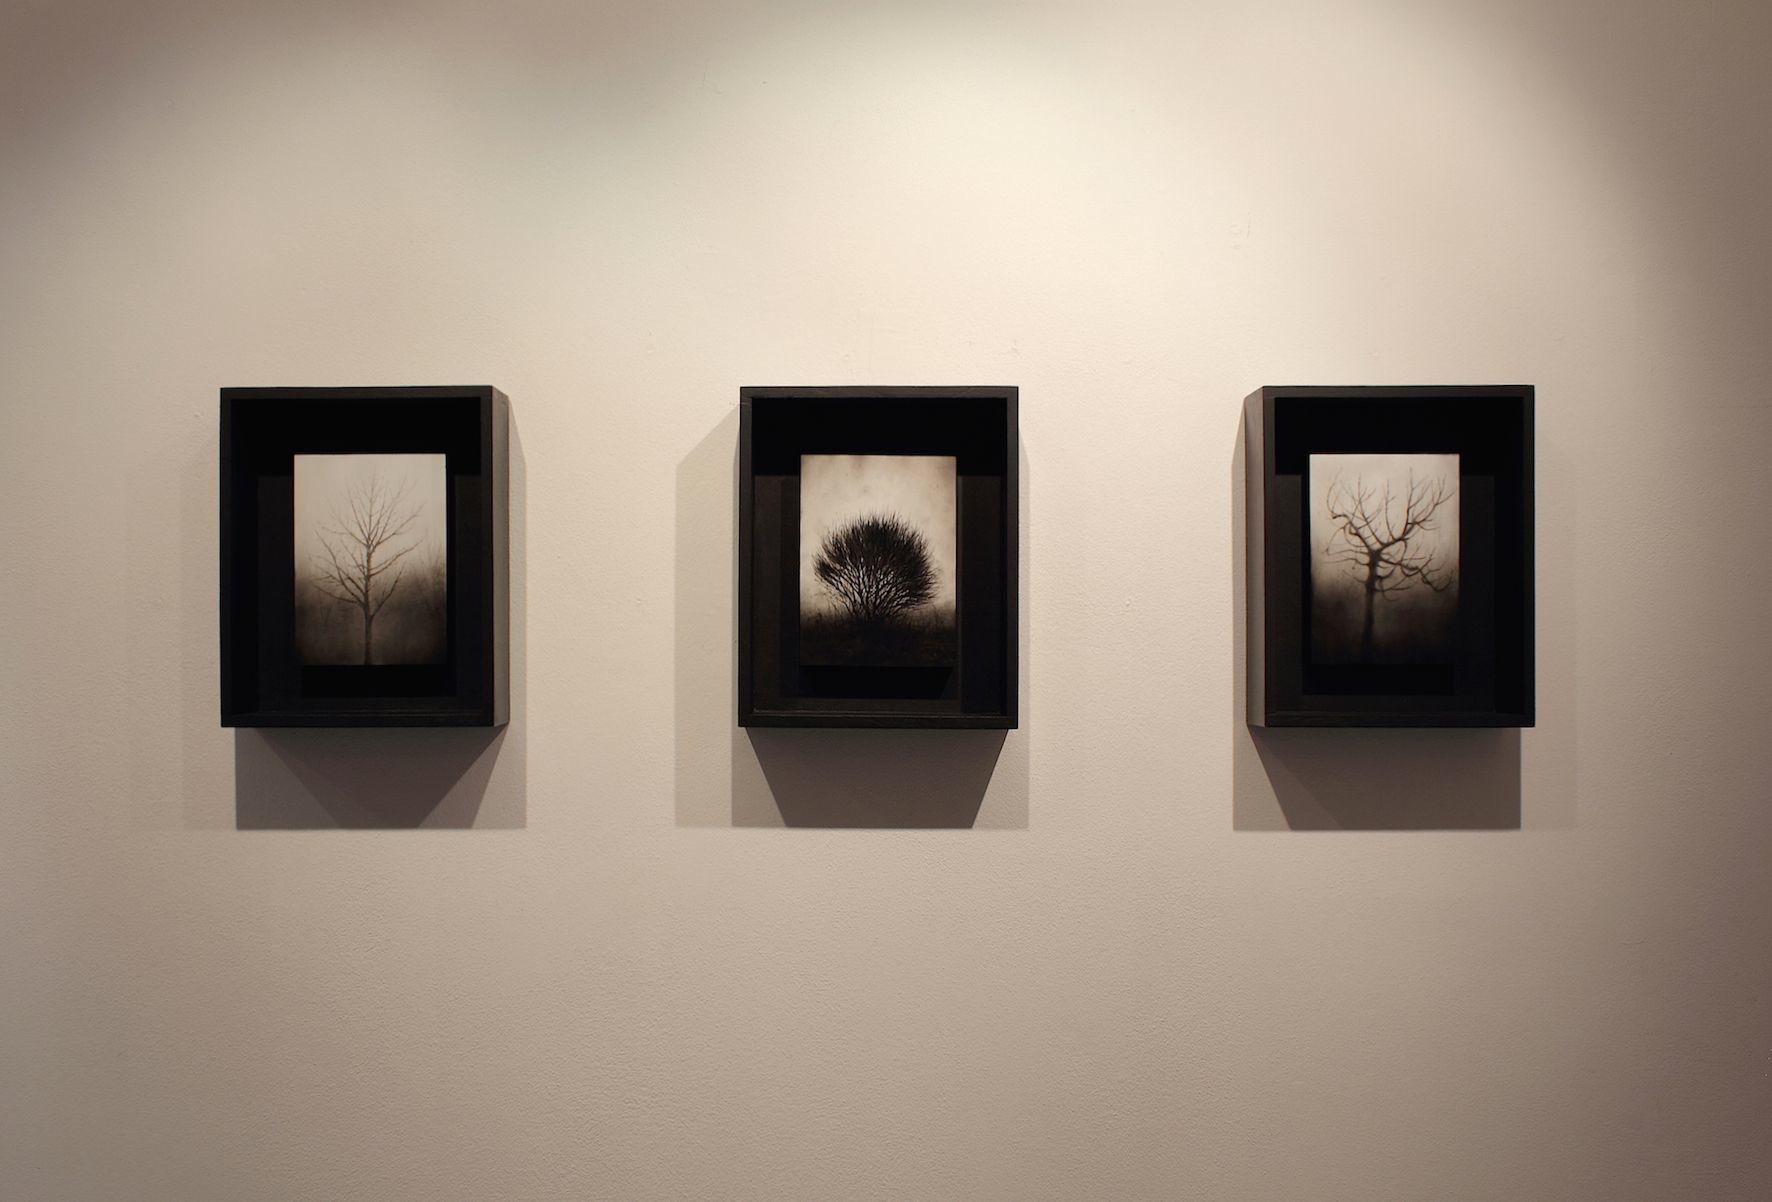 Ettore Frani, Requiem, veduta della mostra presso L'Ariete arte contemporanea. Foto: Paola Feraiorni